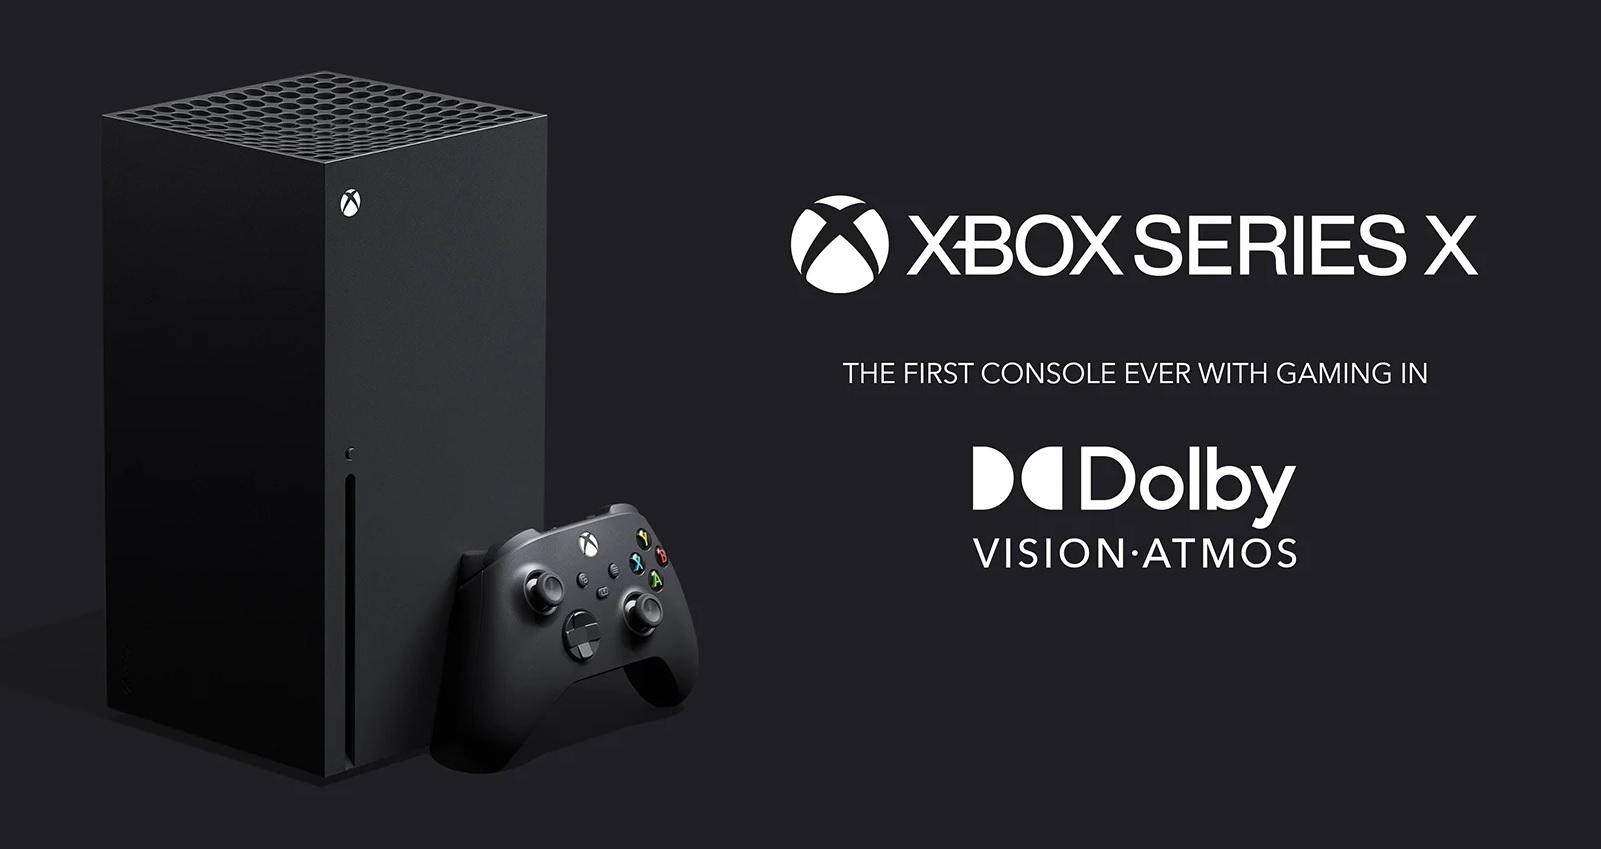 El Dolby Vision y Dolby Atmos es exclusivo de las consolas Xbox Series X|S durante dos años